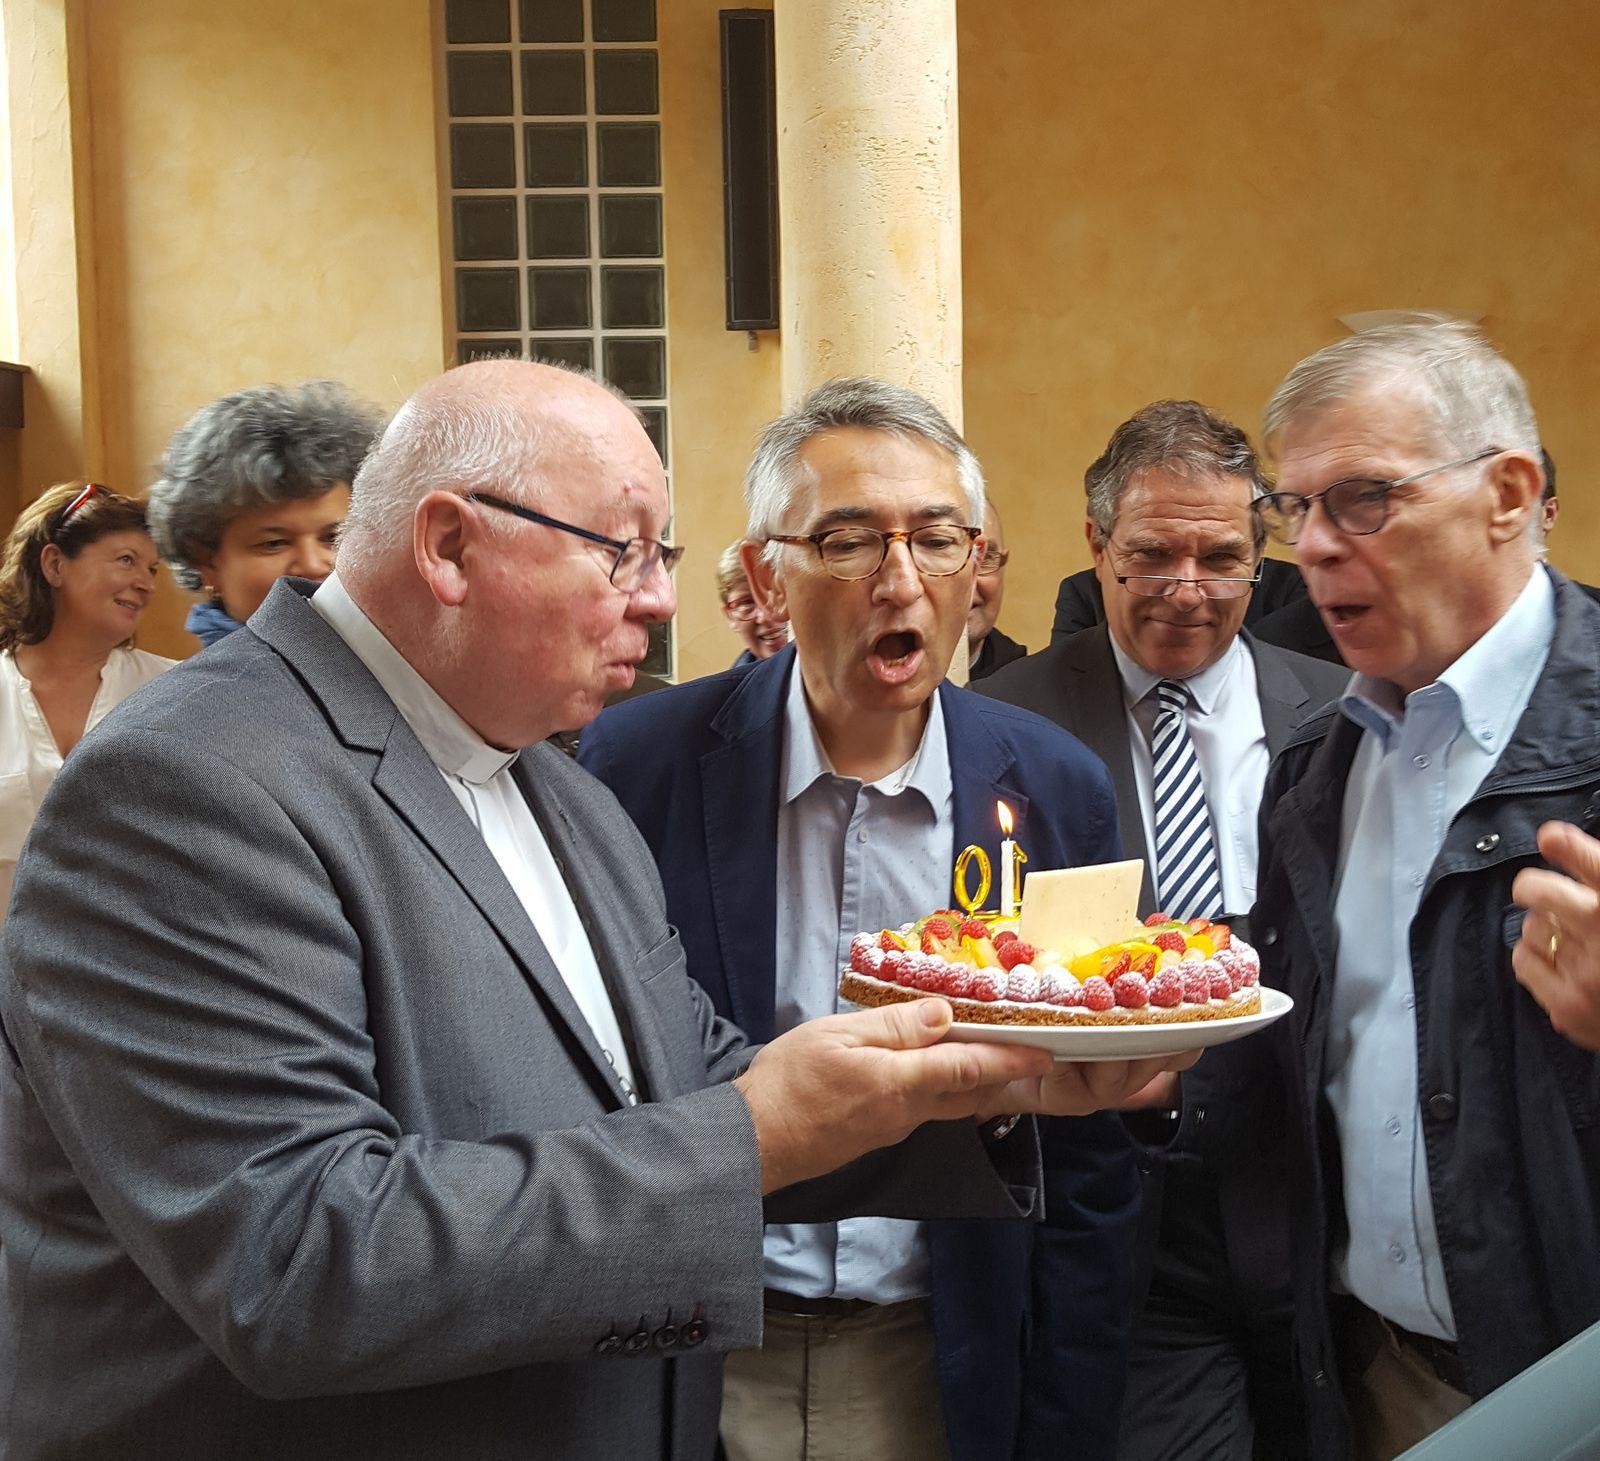 Vendredi 8 septembre à Evreux, dixième anniversaire du Centre Diocésain Saint Jean